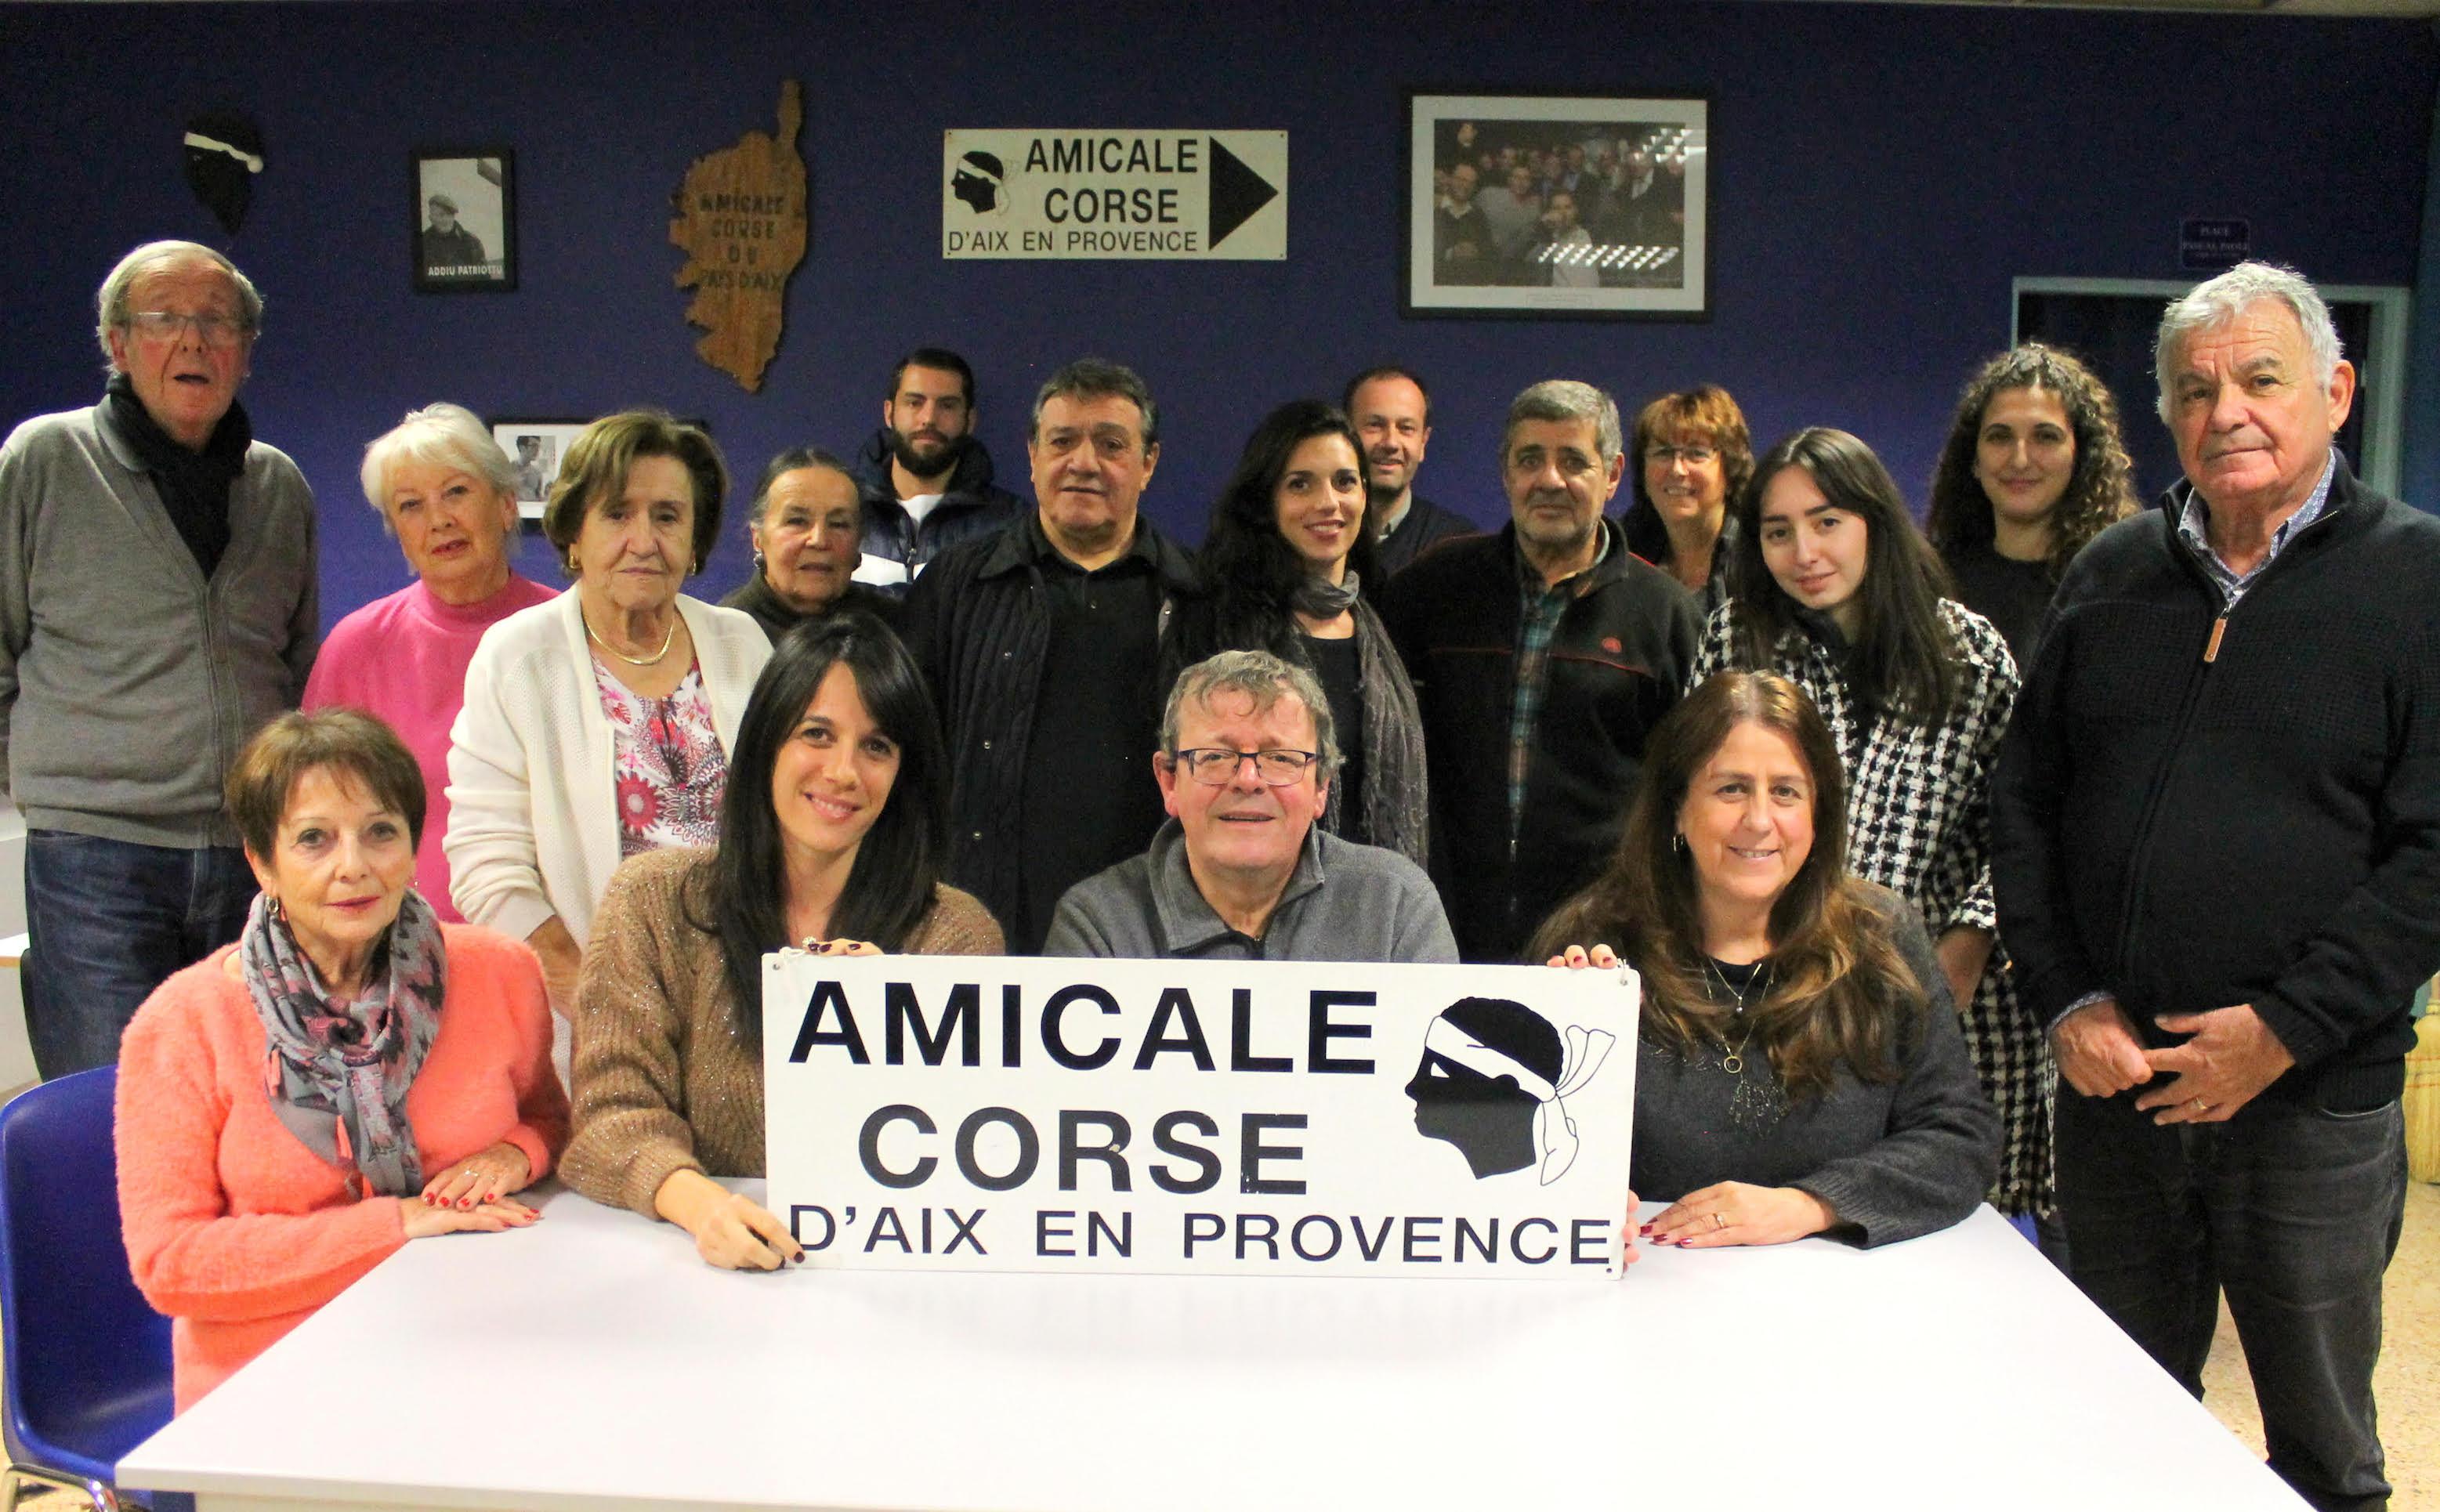 Amicale de la Corse d'Aix-en-Provence : Jéromine Rossi prend le relais